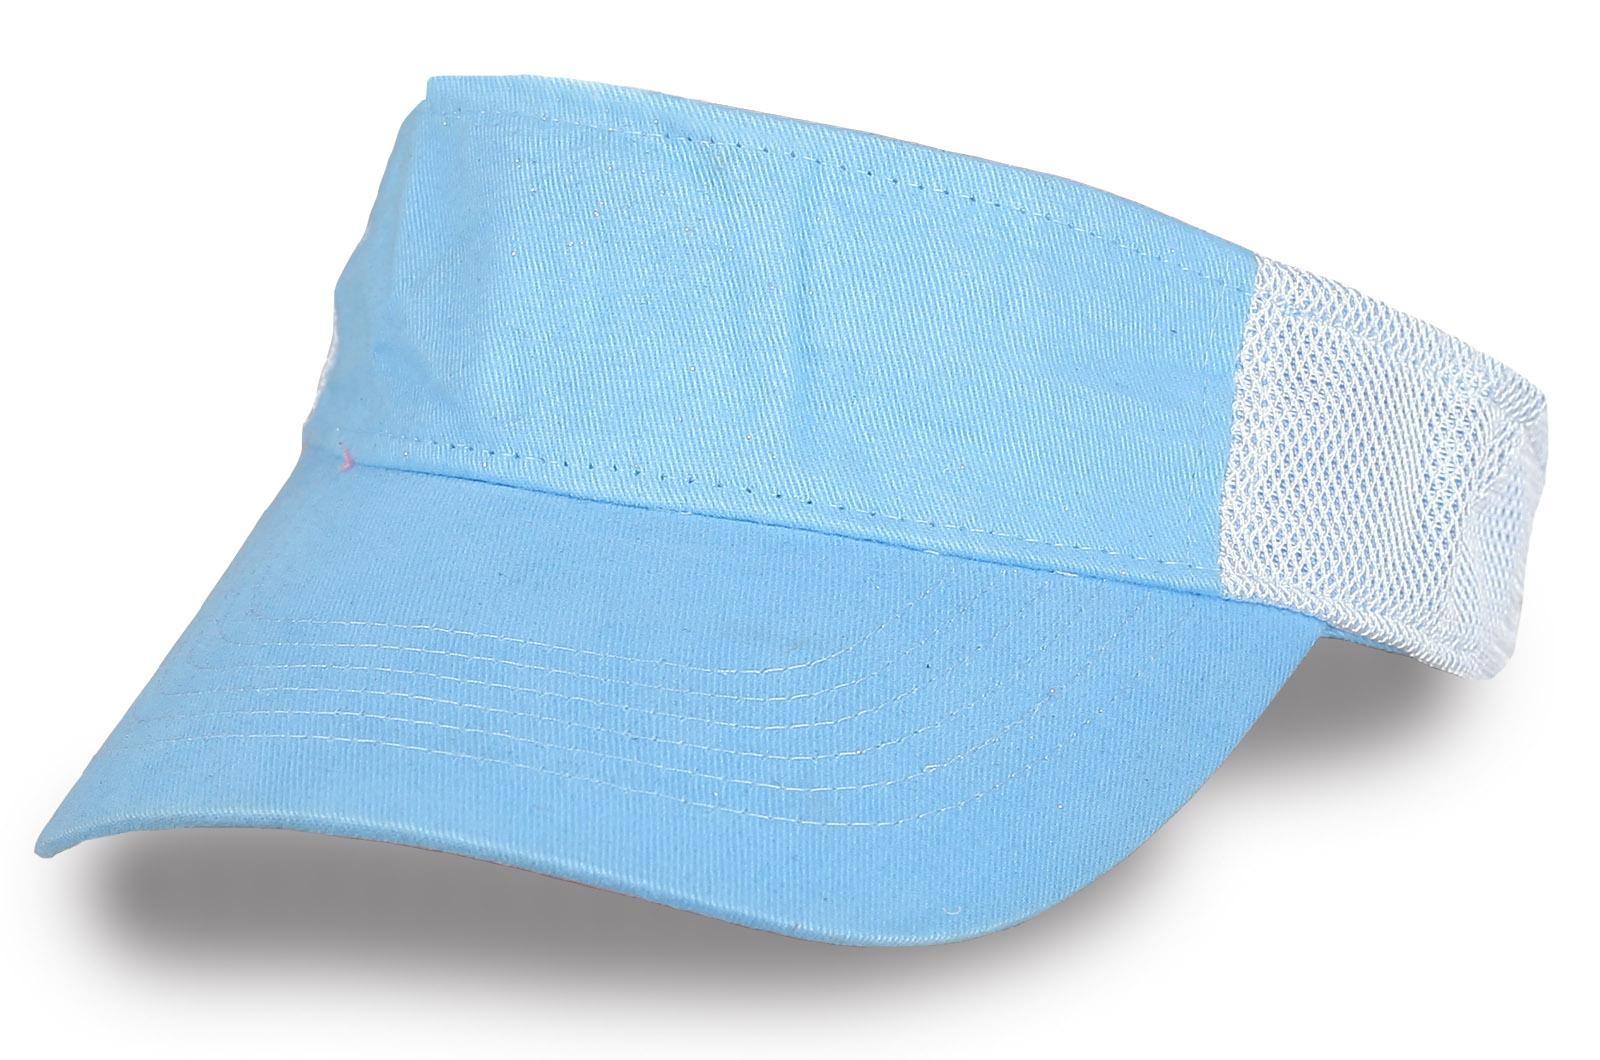 Голубая тенниска - купить в интернет-магазине с доставкой